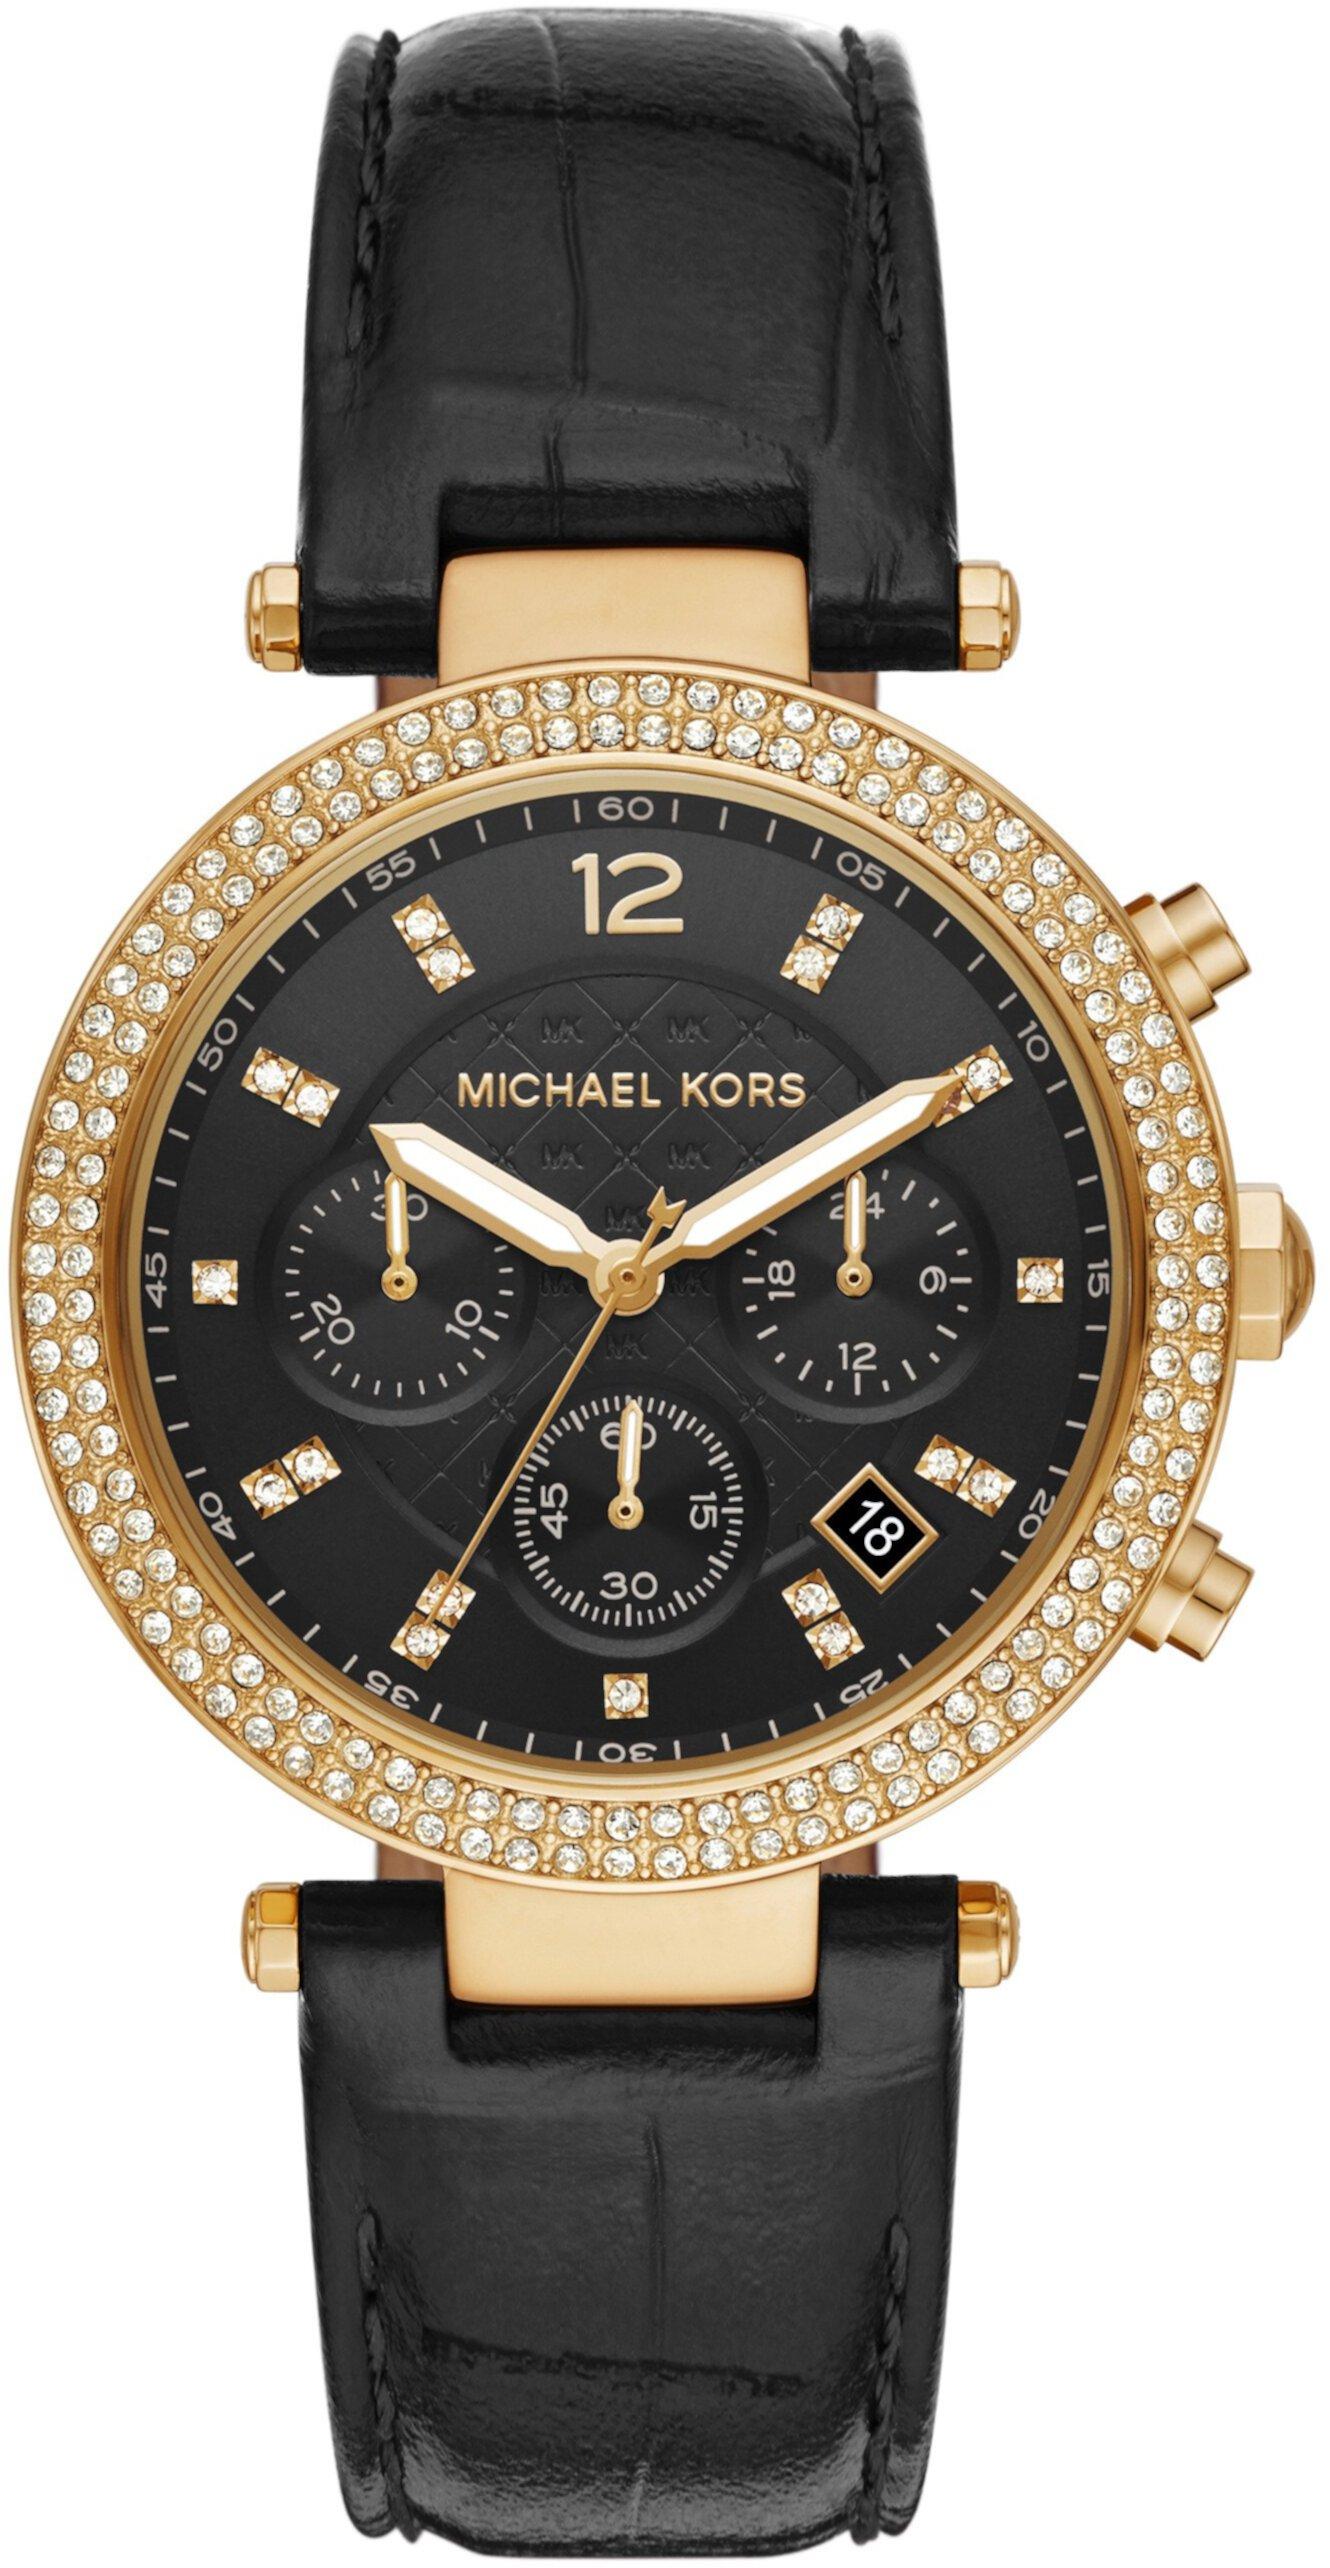 MK6984 - Кожаные часы Parker с хронографом Michael Kors